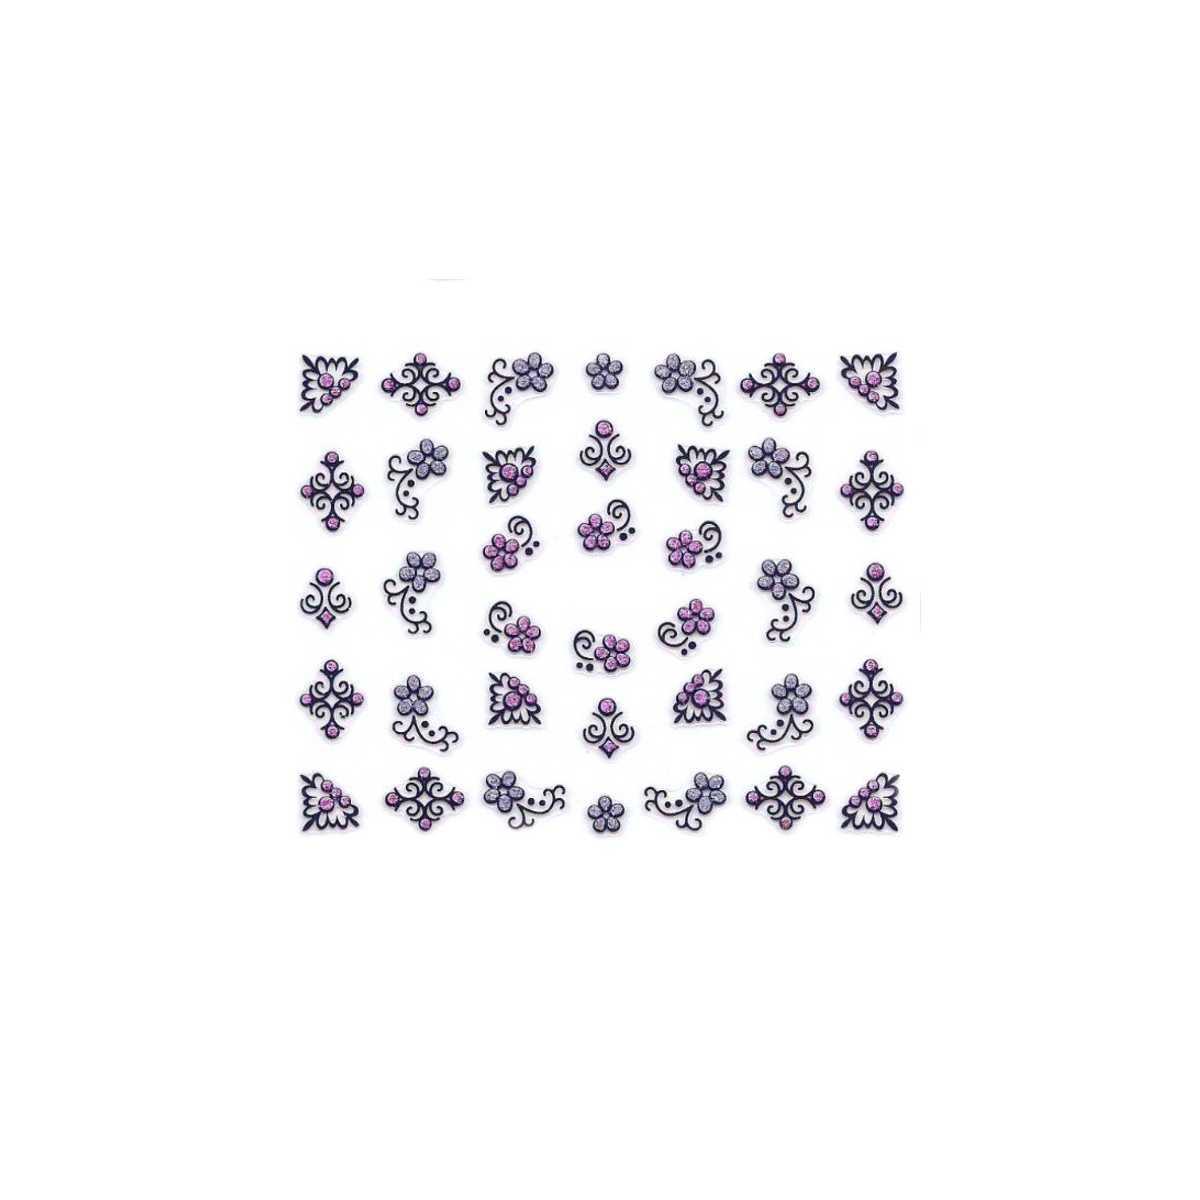 https://www.kit-manucure.com/1809-thickbox_default/stickers-à-paillettes-fleurs-et-arabesques-rose-et-argent.jpg